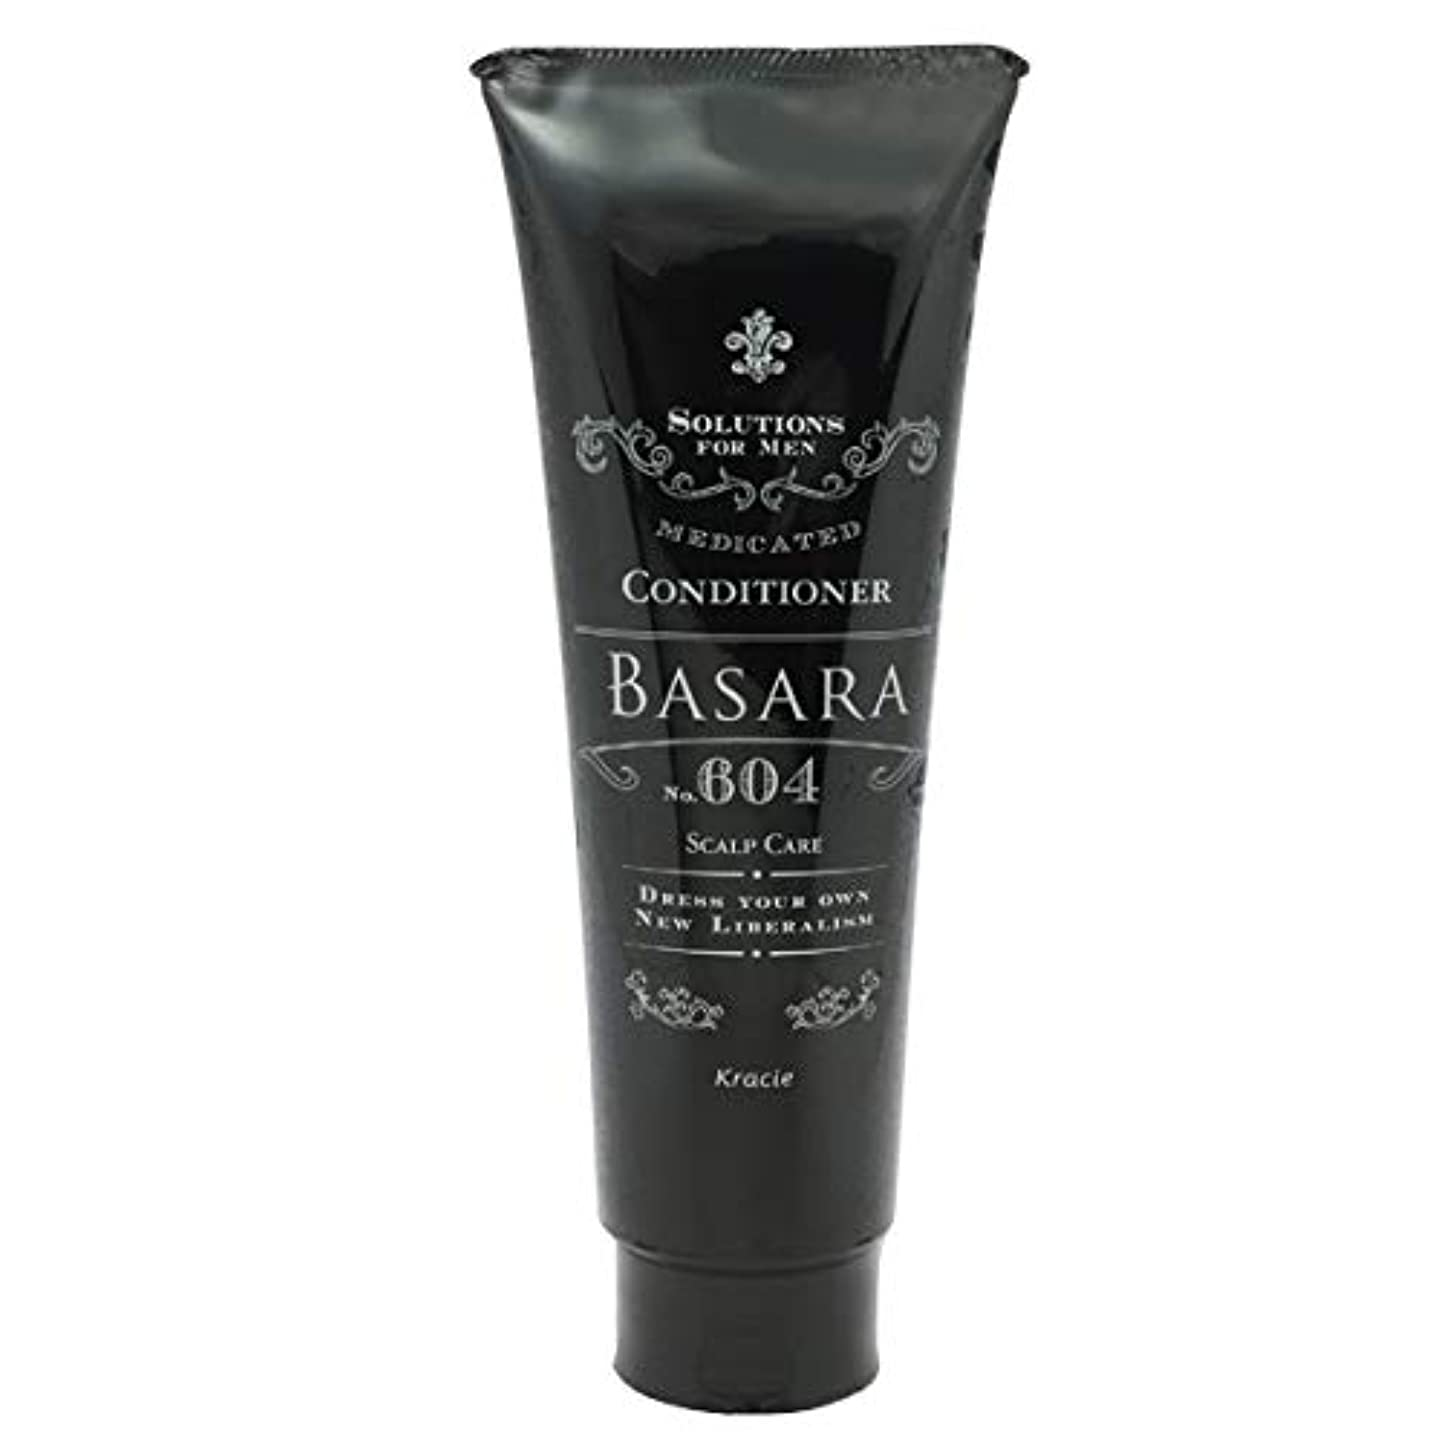 サロンモード(Salon Mode) クラシエ バサラ 薬用スカルプ コンディショナー 604 250g